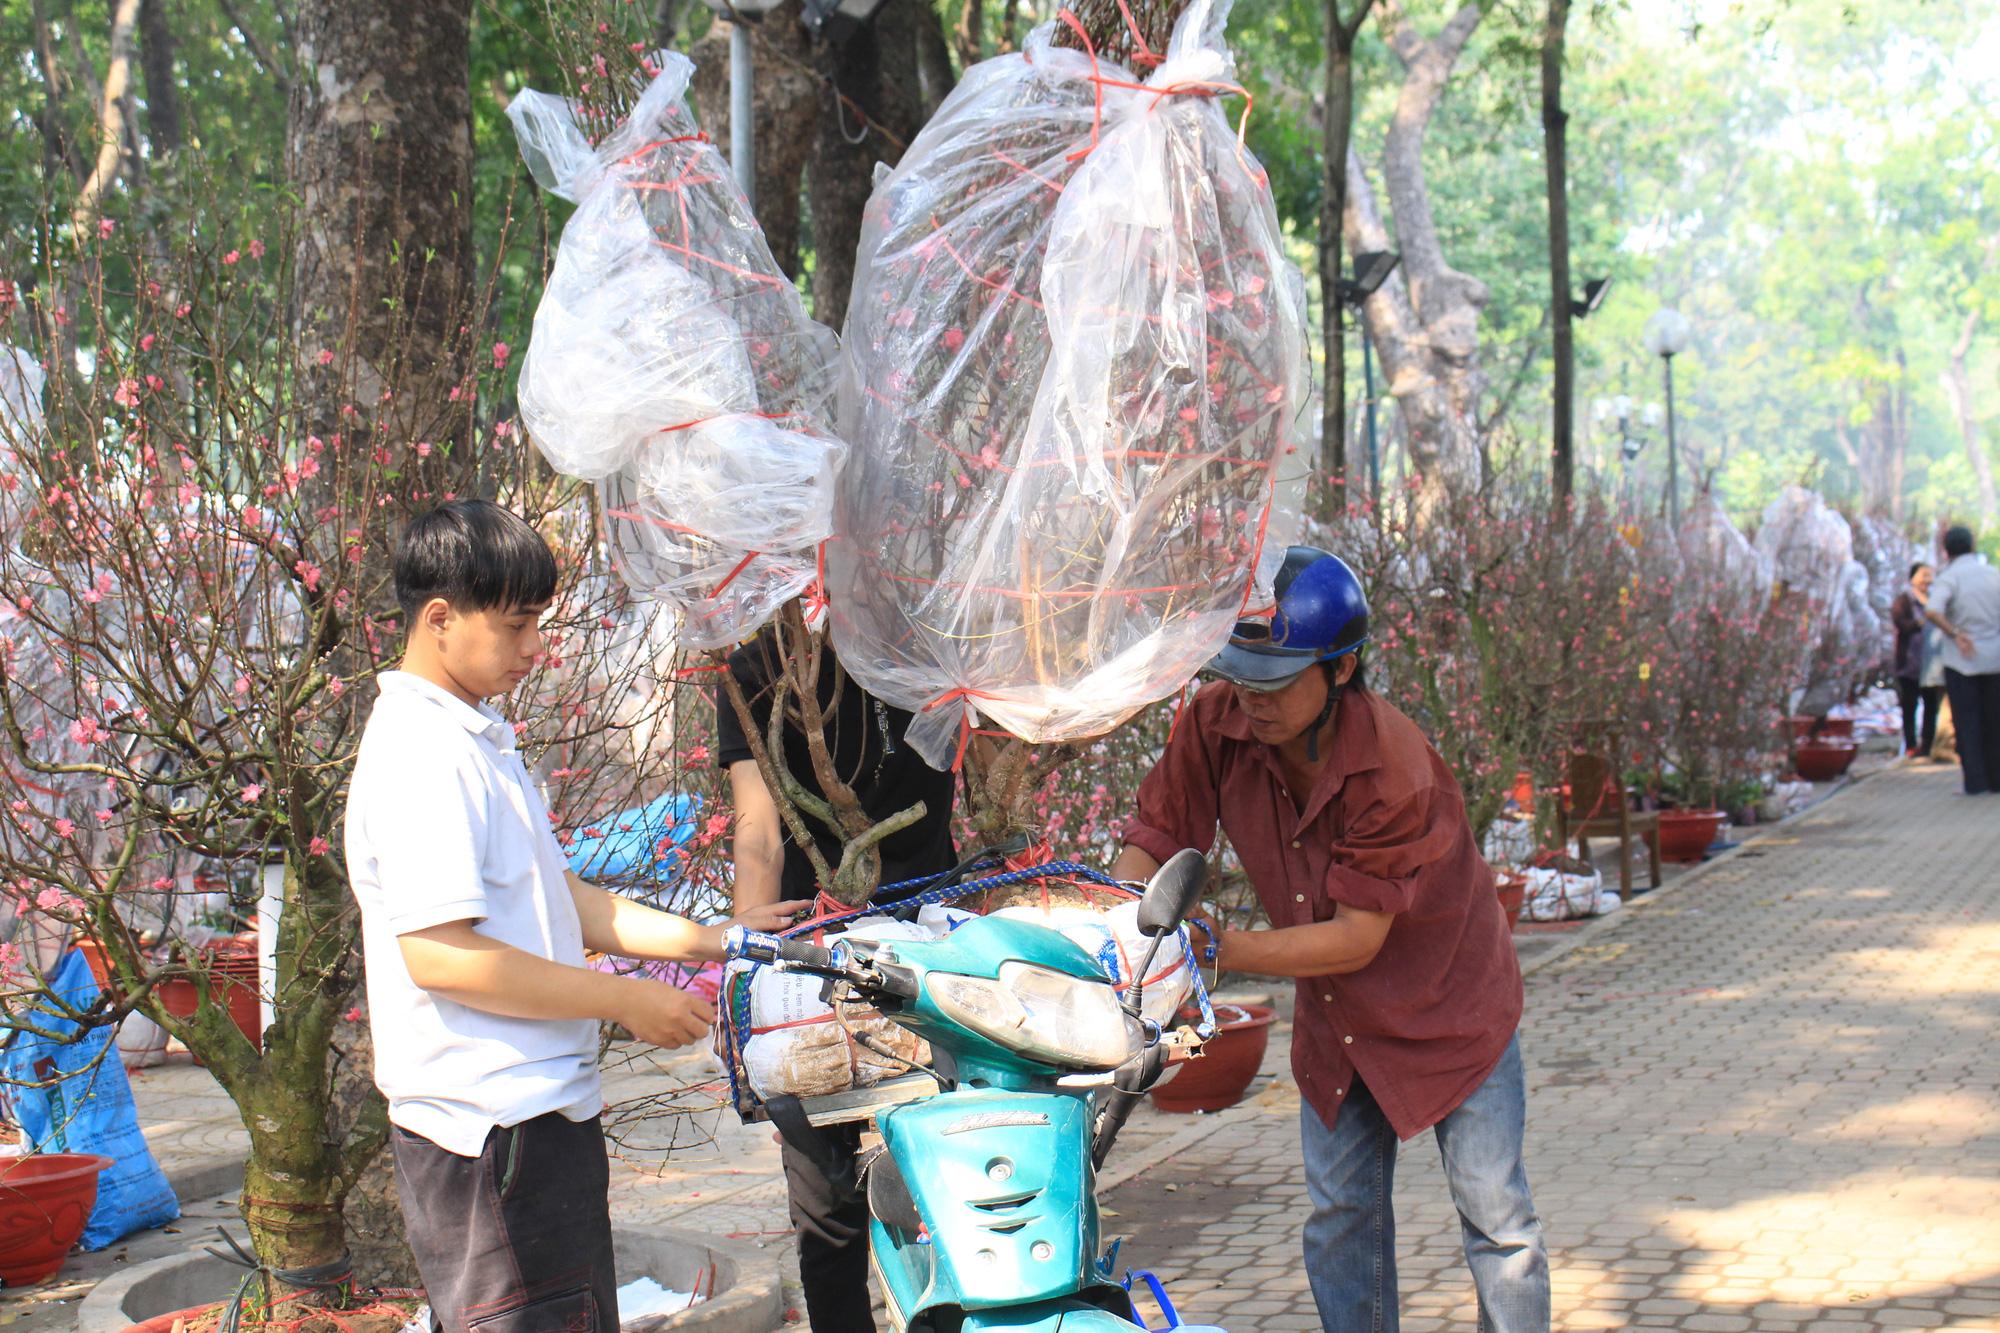 Hoa cảnh cả nước, đào Nhật Tân giá hàng chục triệu đồng đổ về Sài Gòn - Ảnh 6.